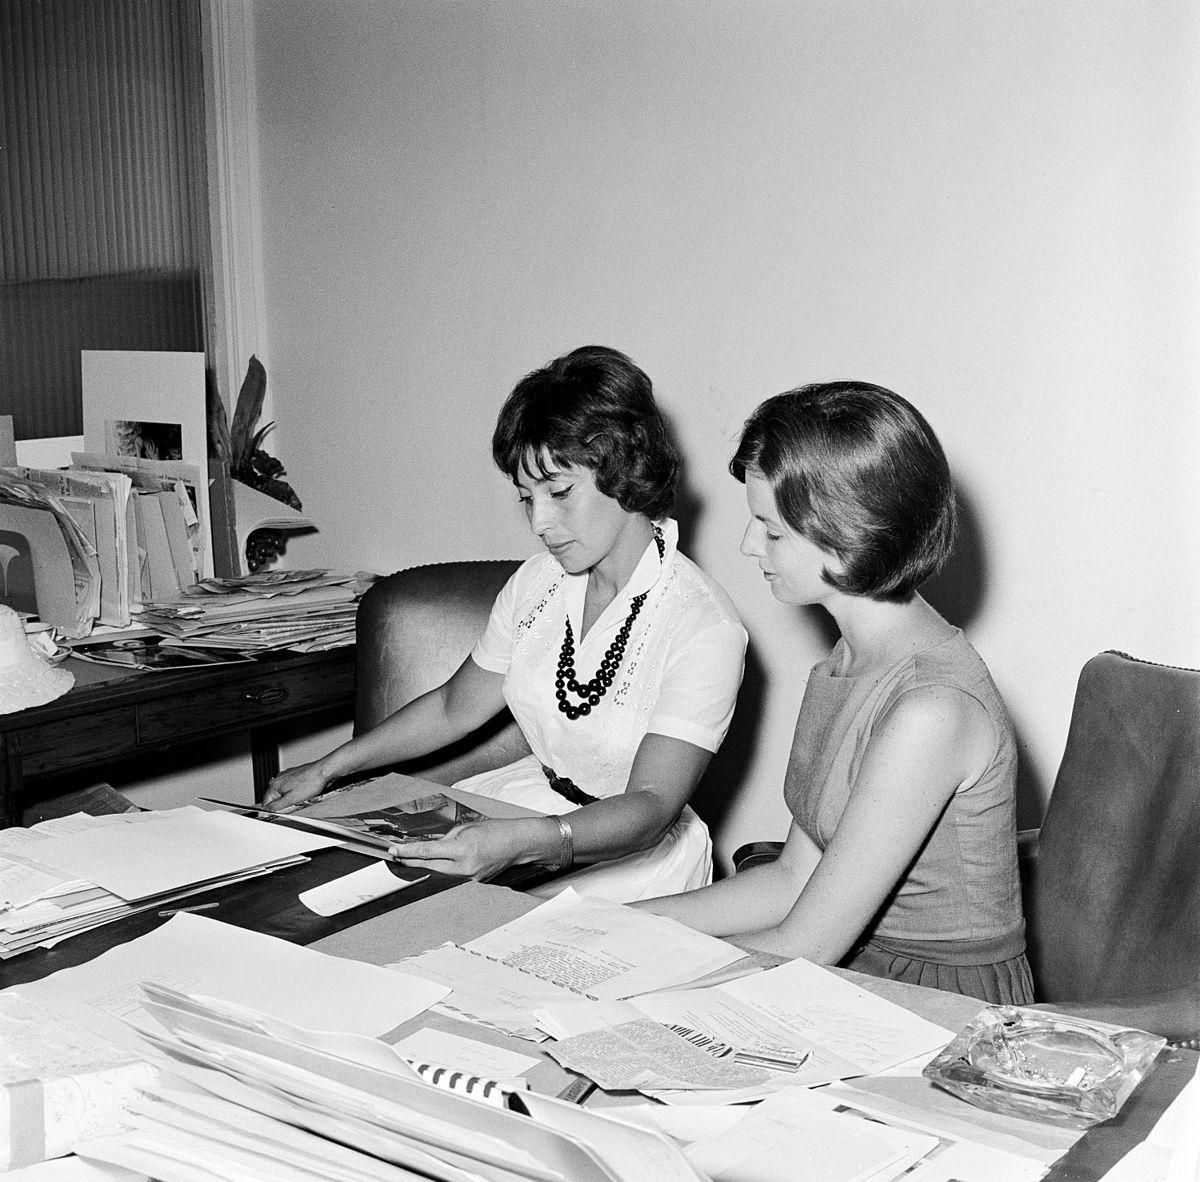 Secretario administraci n wikipedia la enciclopedia libre for Areas de una oficina